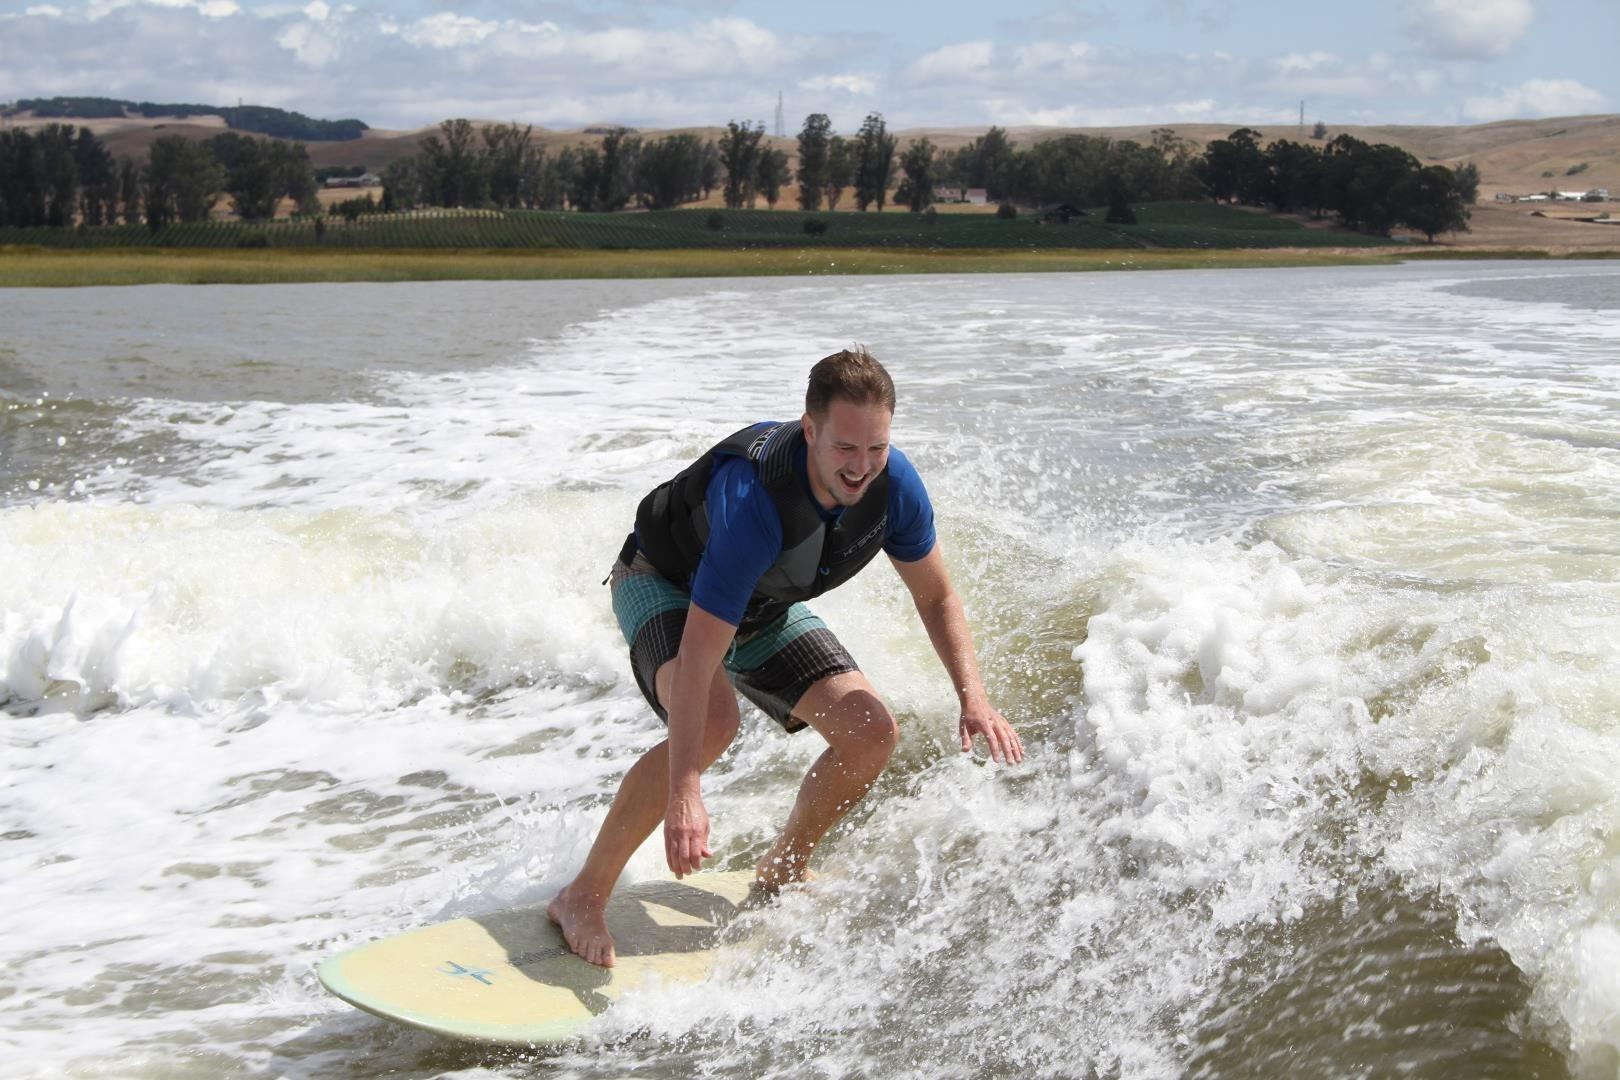 surf technique training face of joy